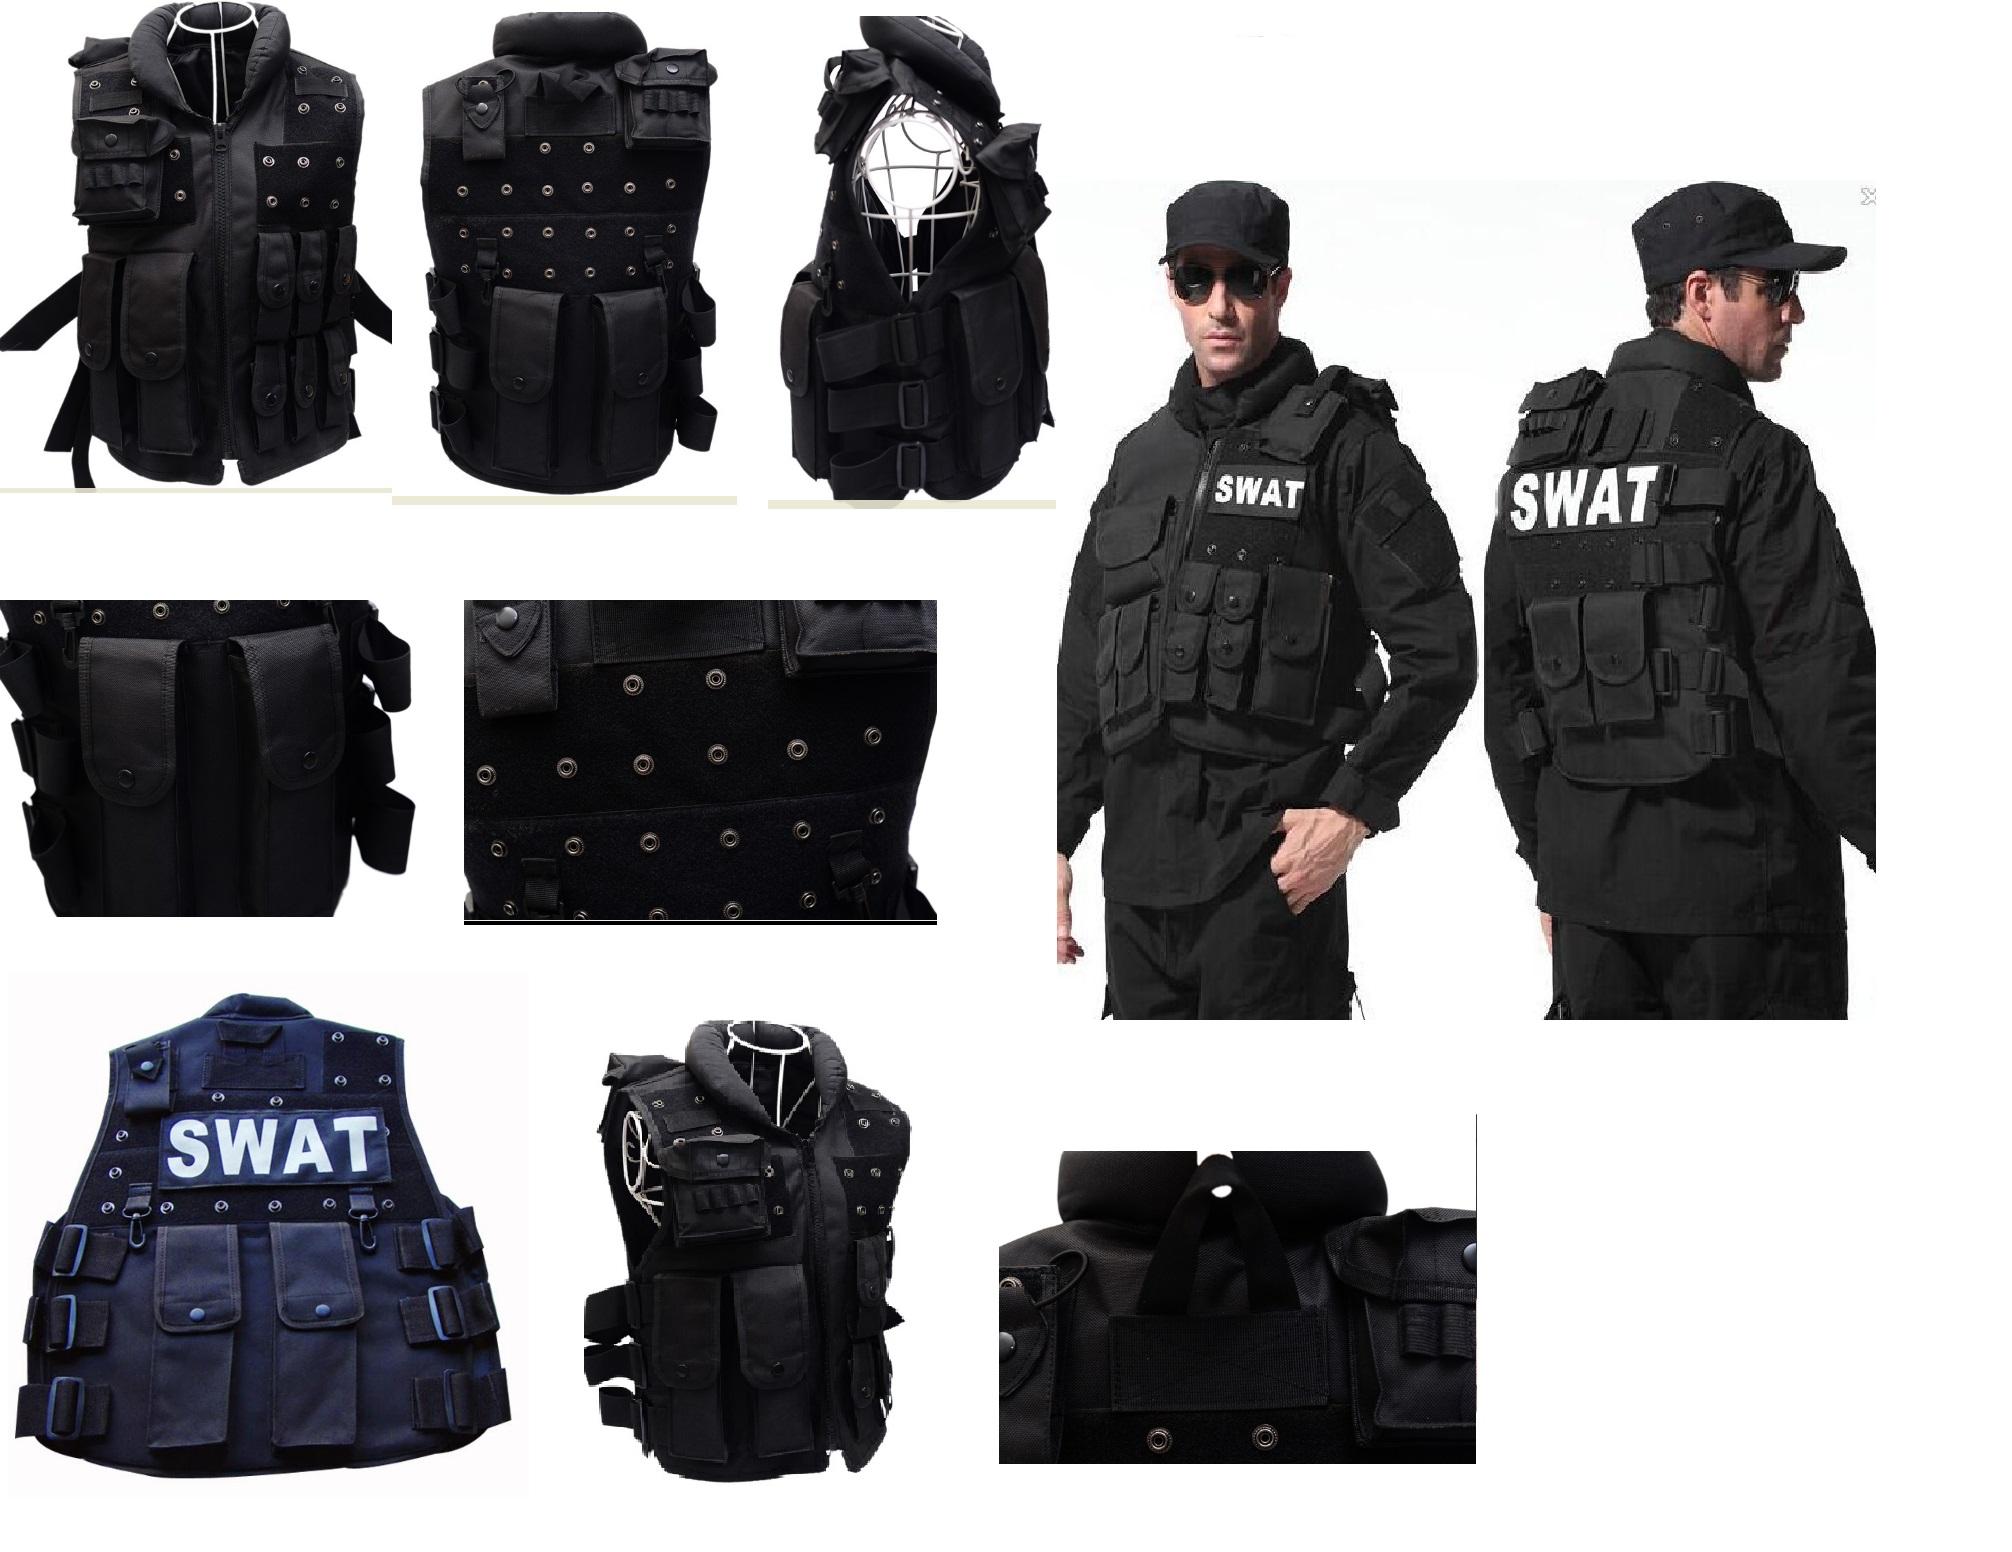 thuê bộ đồ lính đặc nhiệm cơ bản (Mũ lưỡi trai – Khăn trùm mặt- Bộ quần áo trong- Áo khoác)